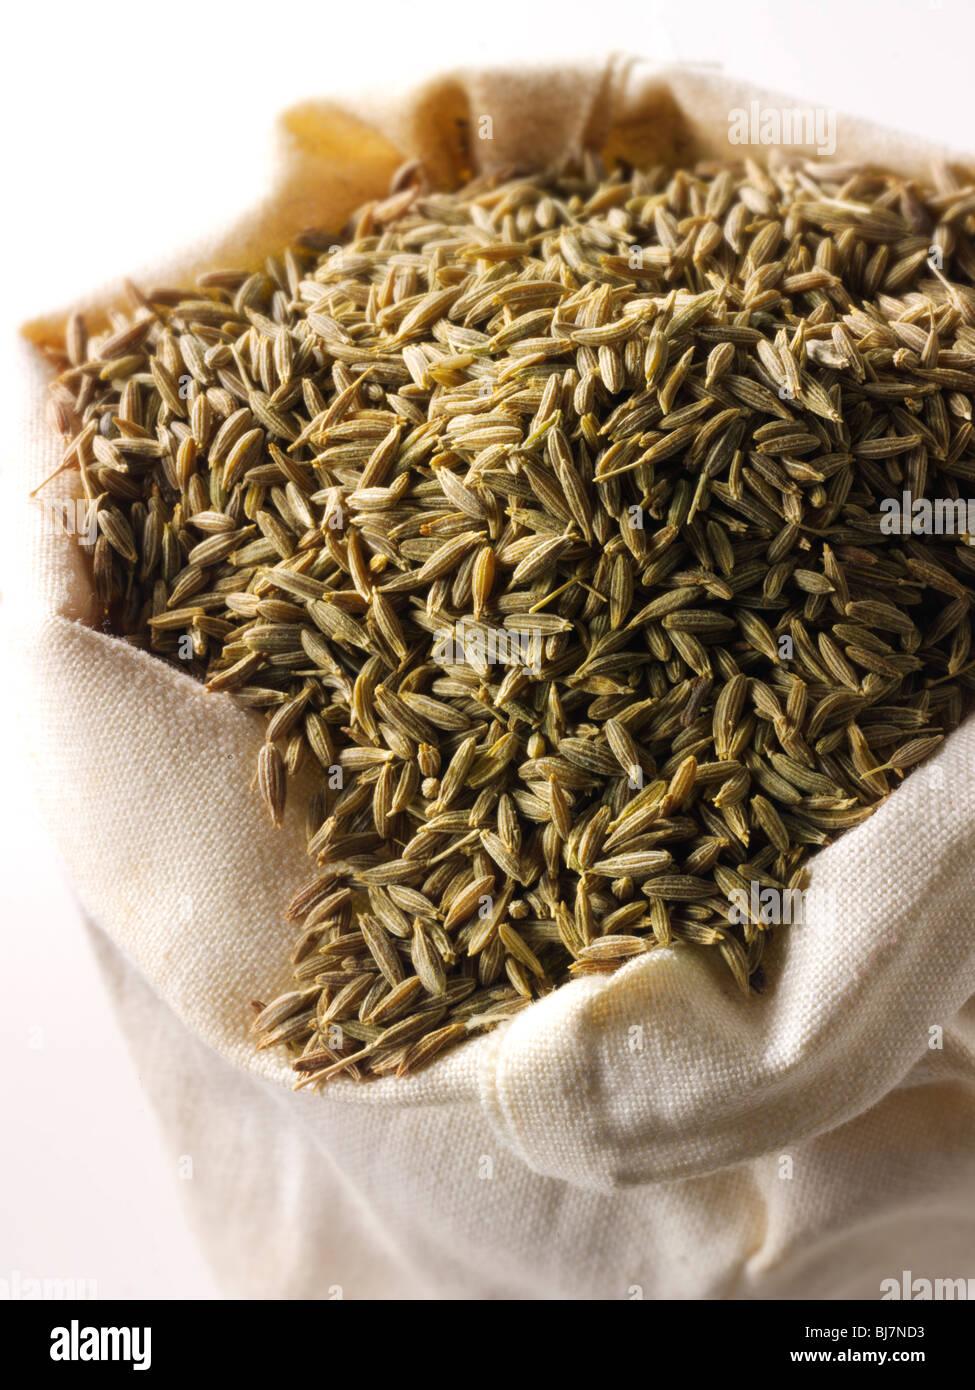 Tutta la semi di cumino in un sacco di spezie in borsa Immagini Stock